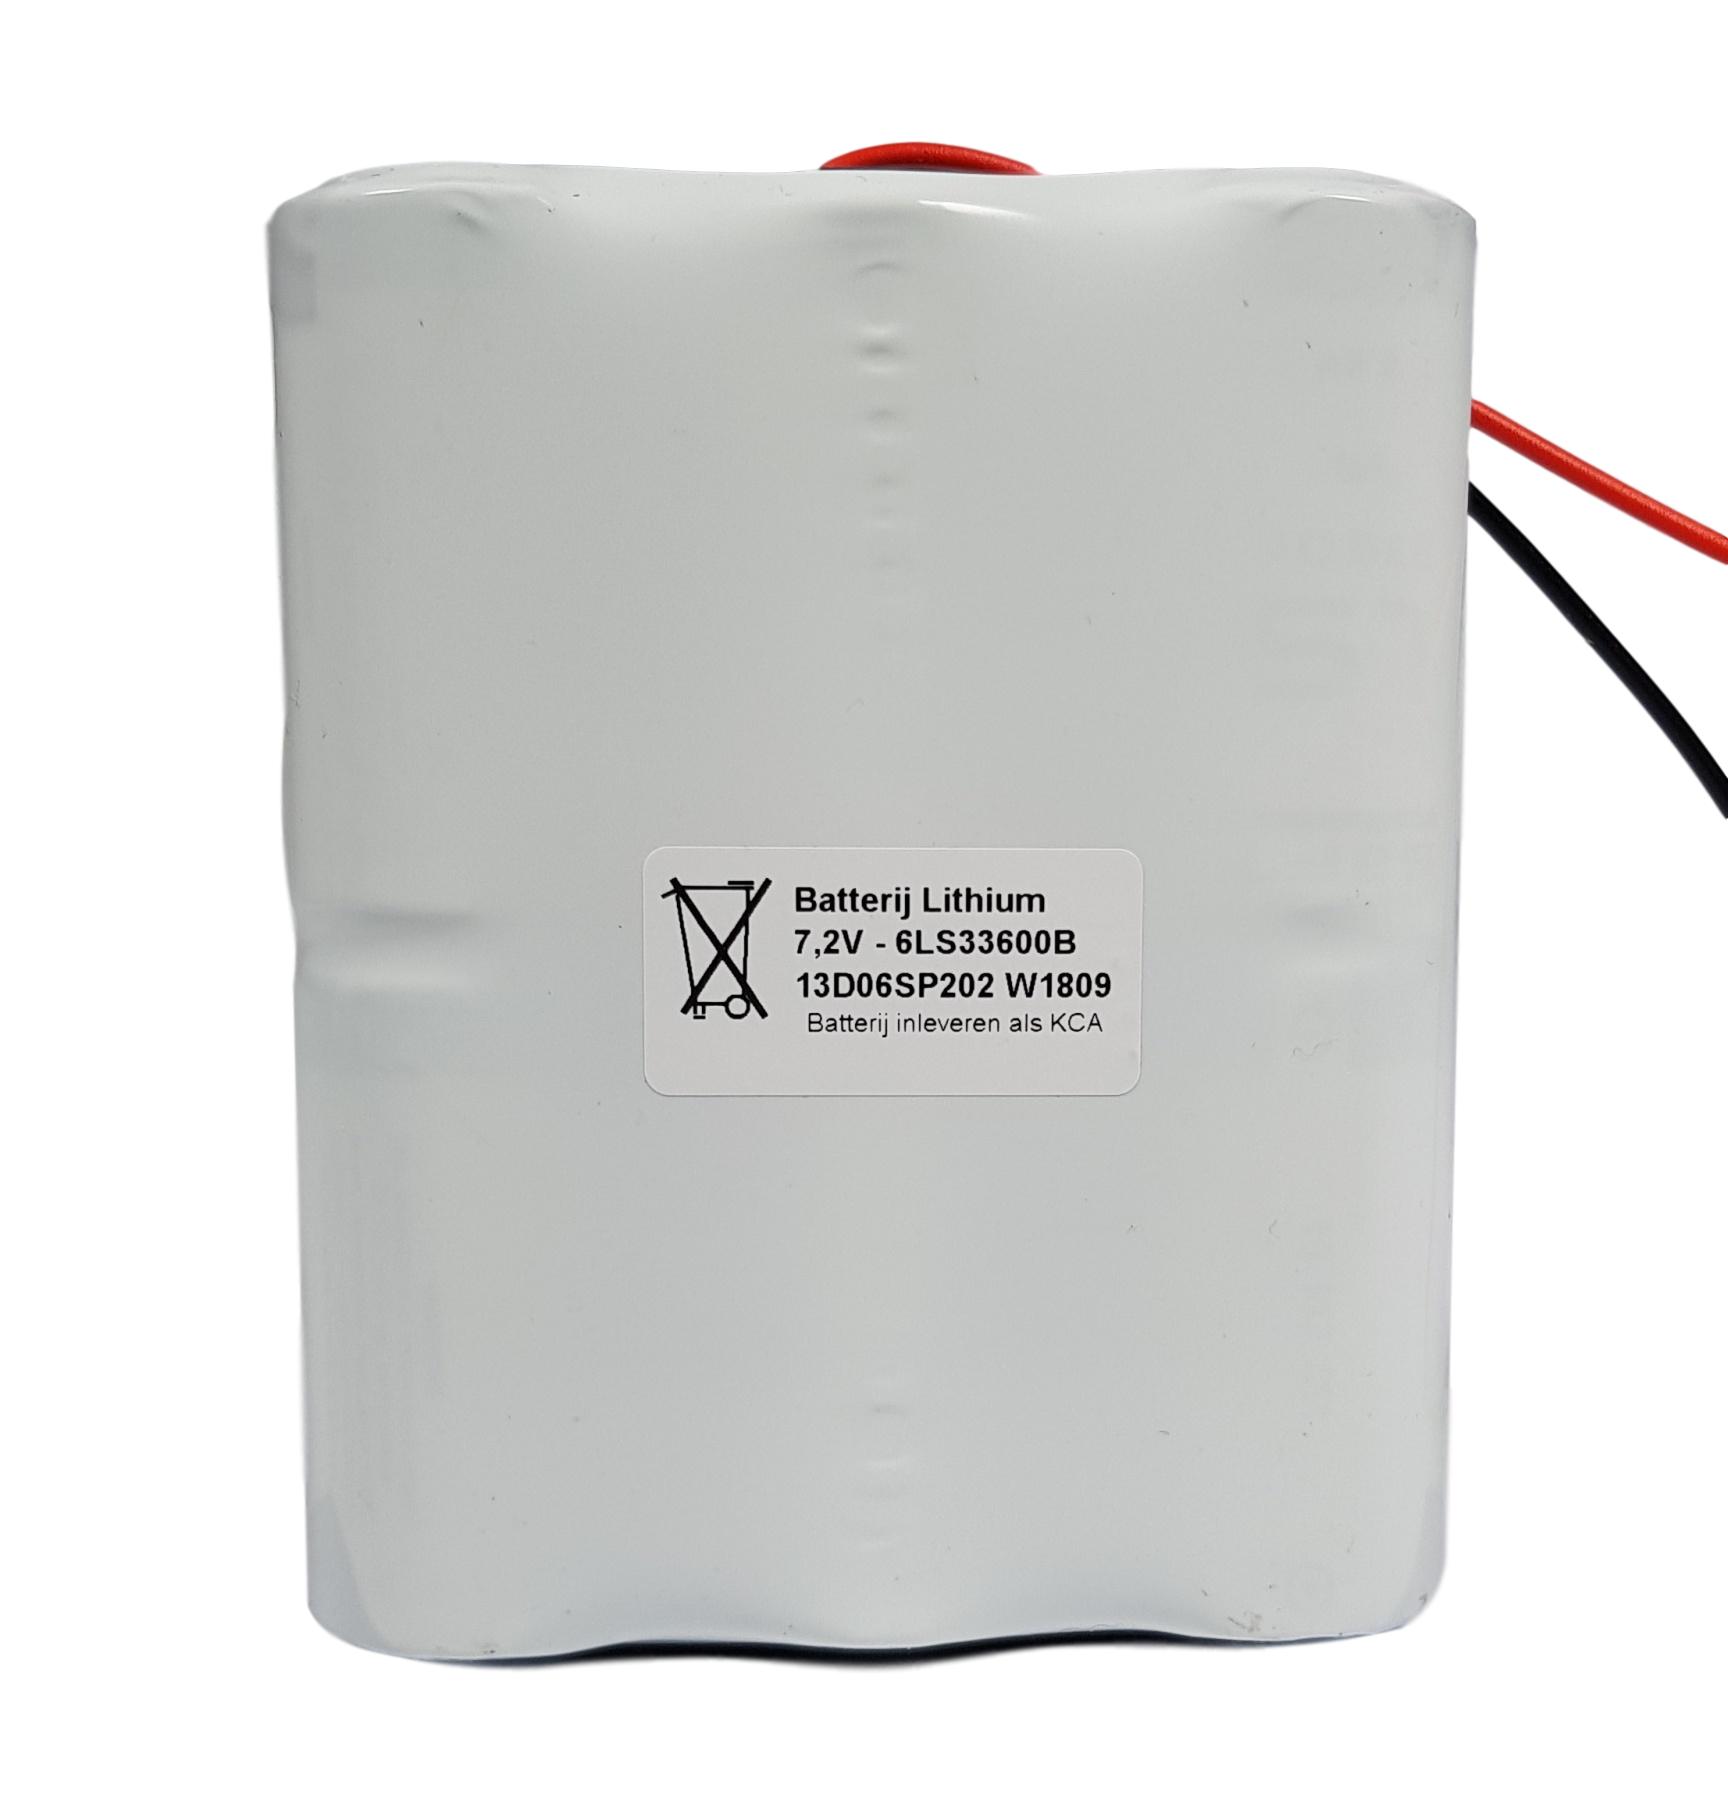 Batterijpack Lithium Saft/Arts 7,2V 3x2STAAFSBS afgemonteerd met diodes - Draadaansluiting